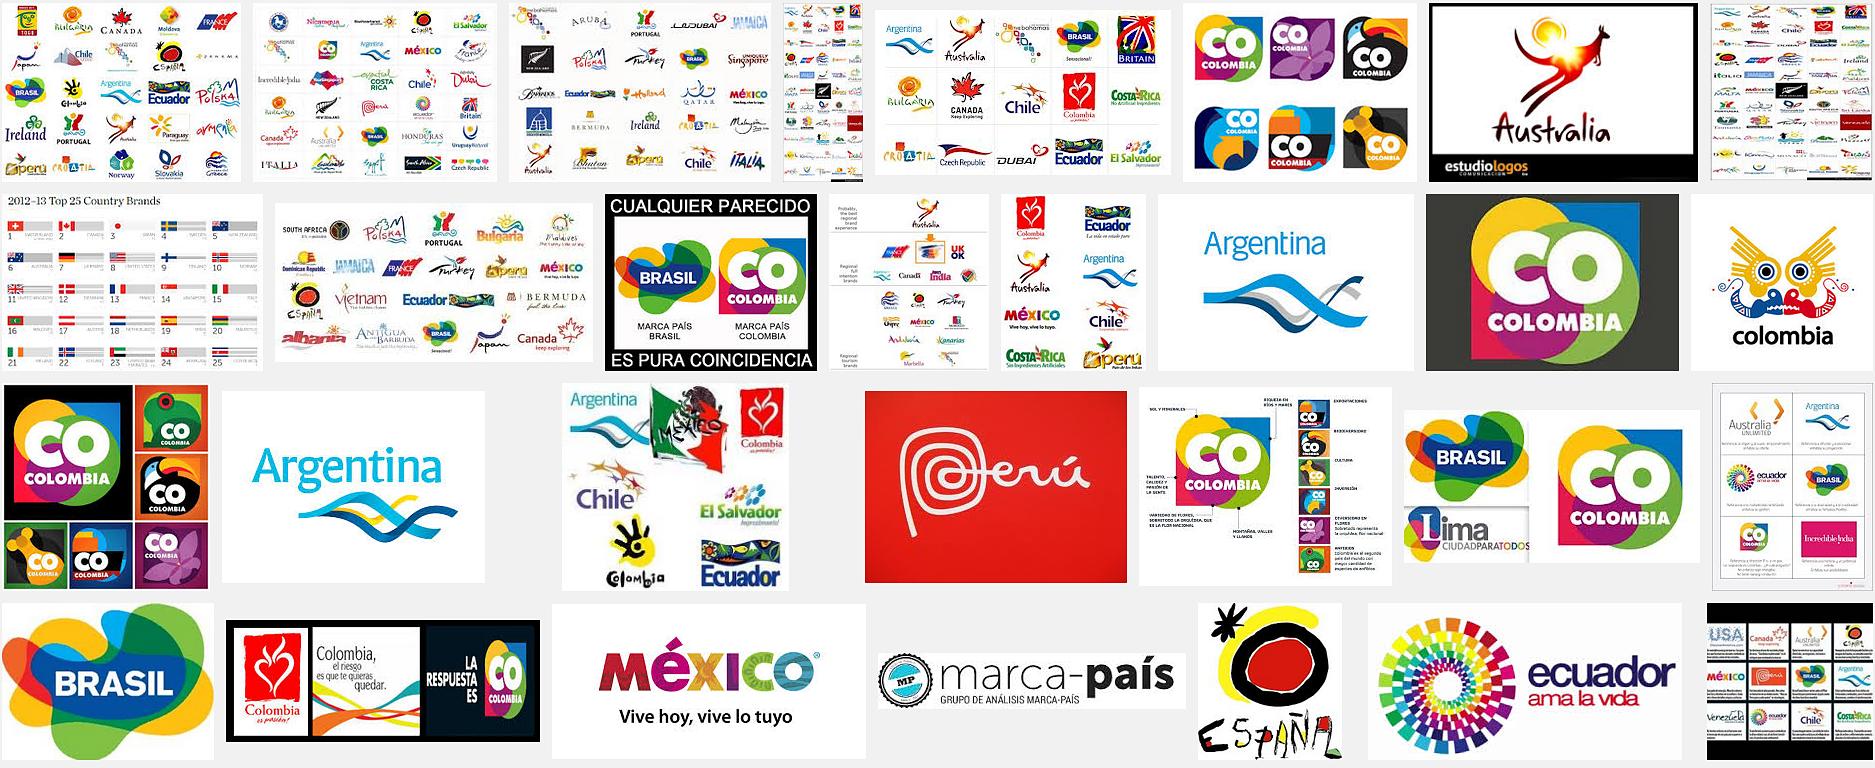 Google coloca la cabecera de Marca-País junto a marcas de referencia ...